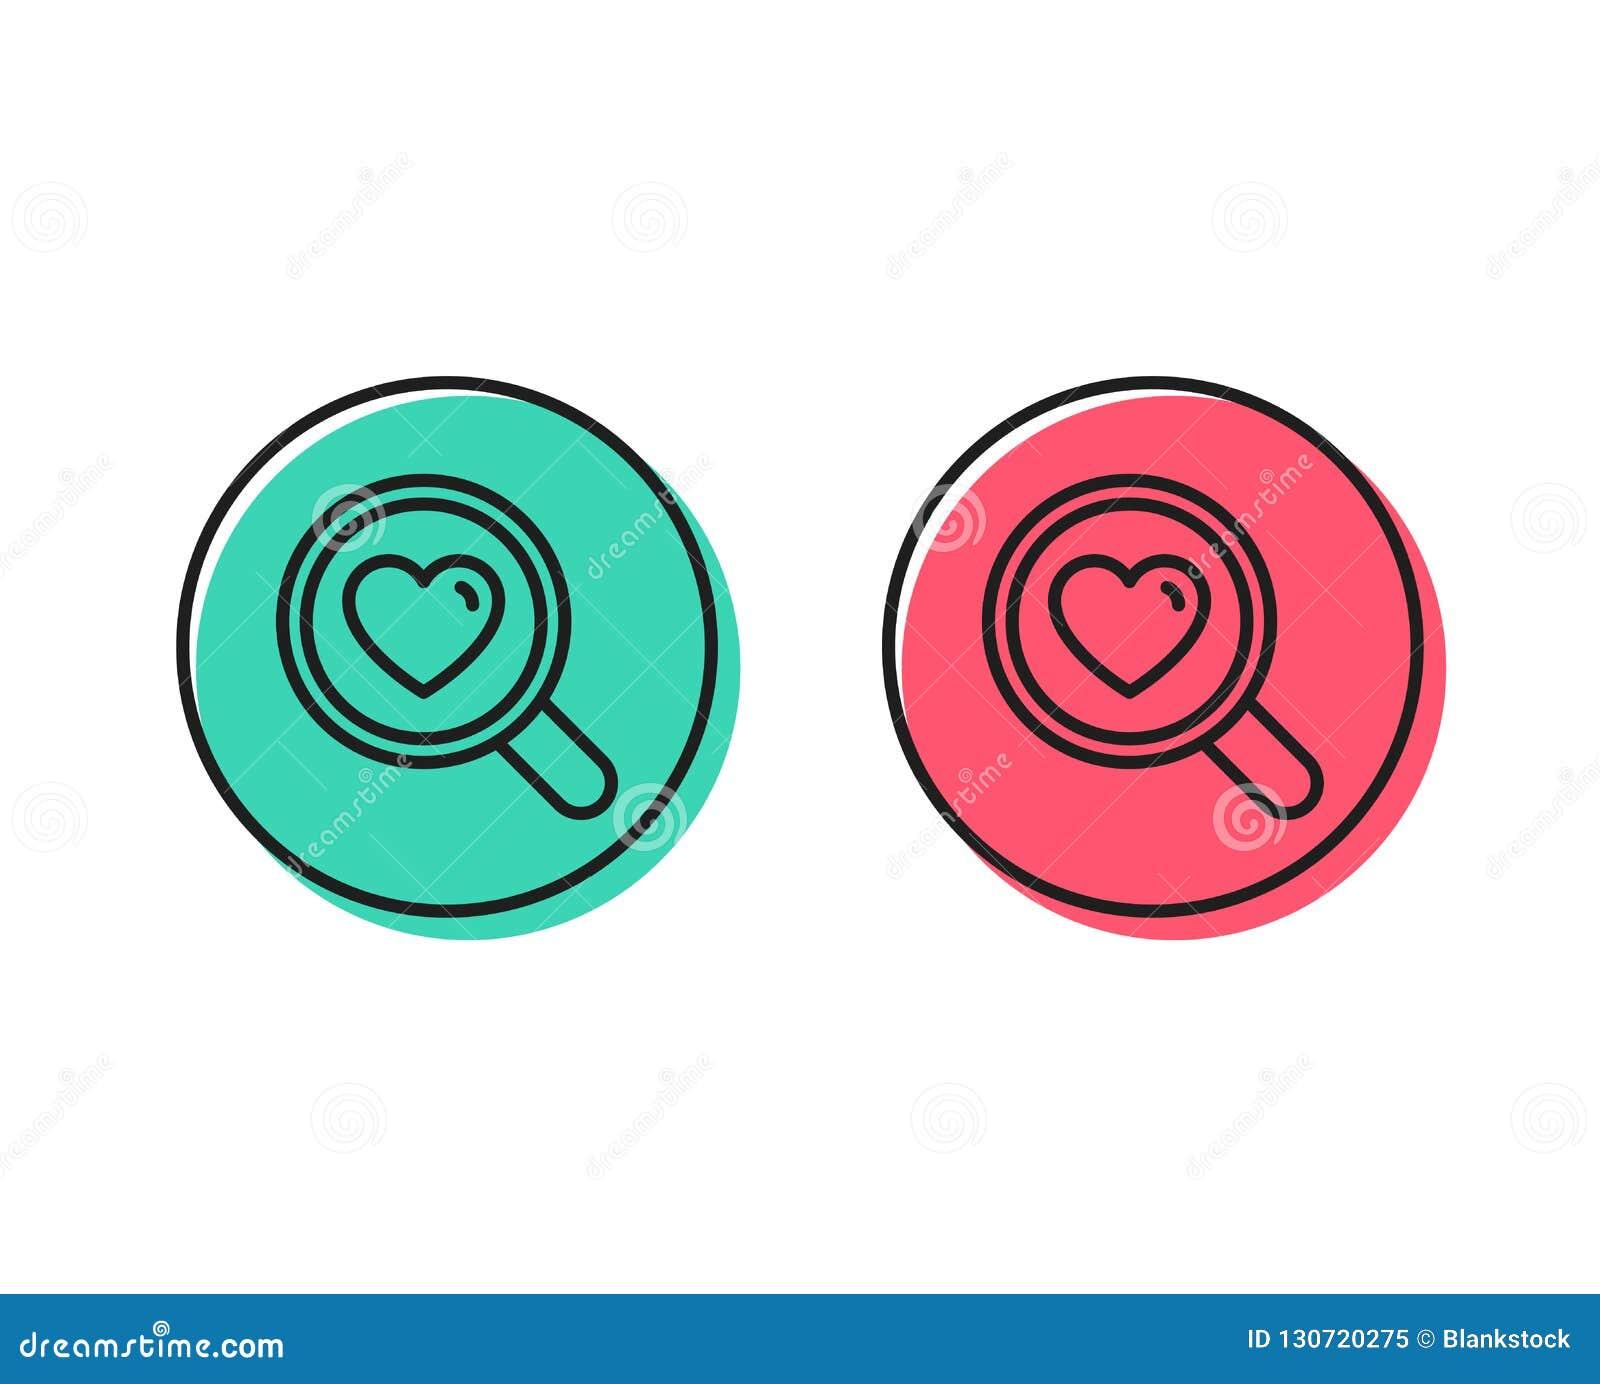 nye regler om kærlighedskøn og dating